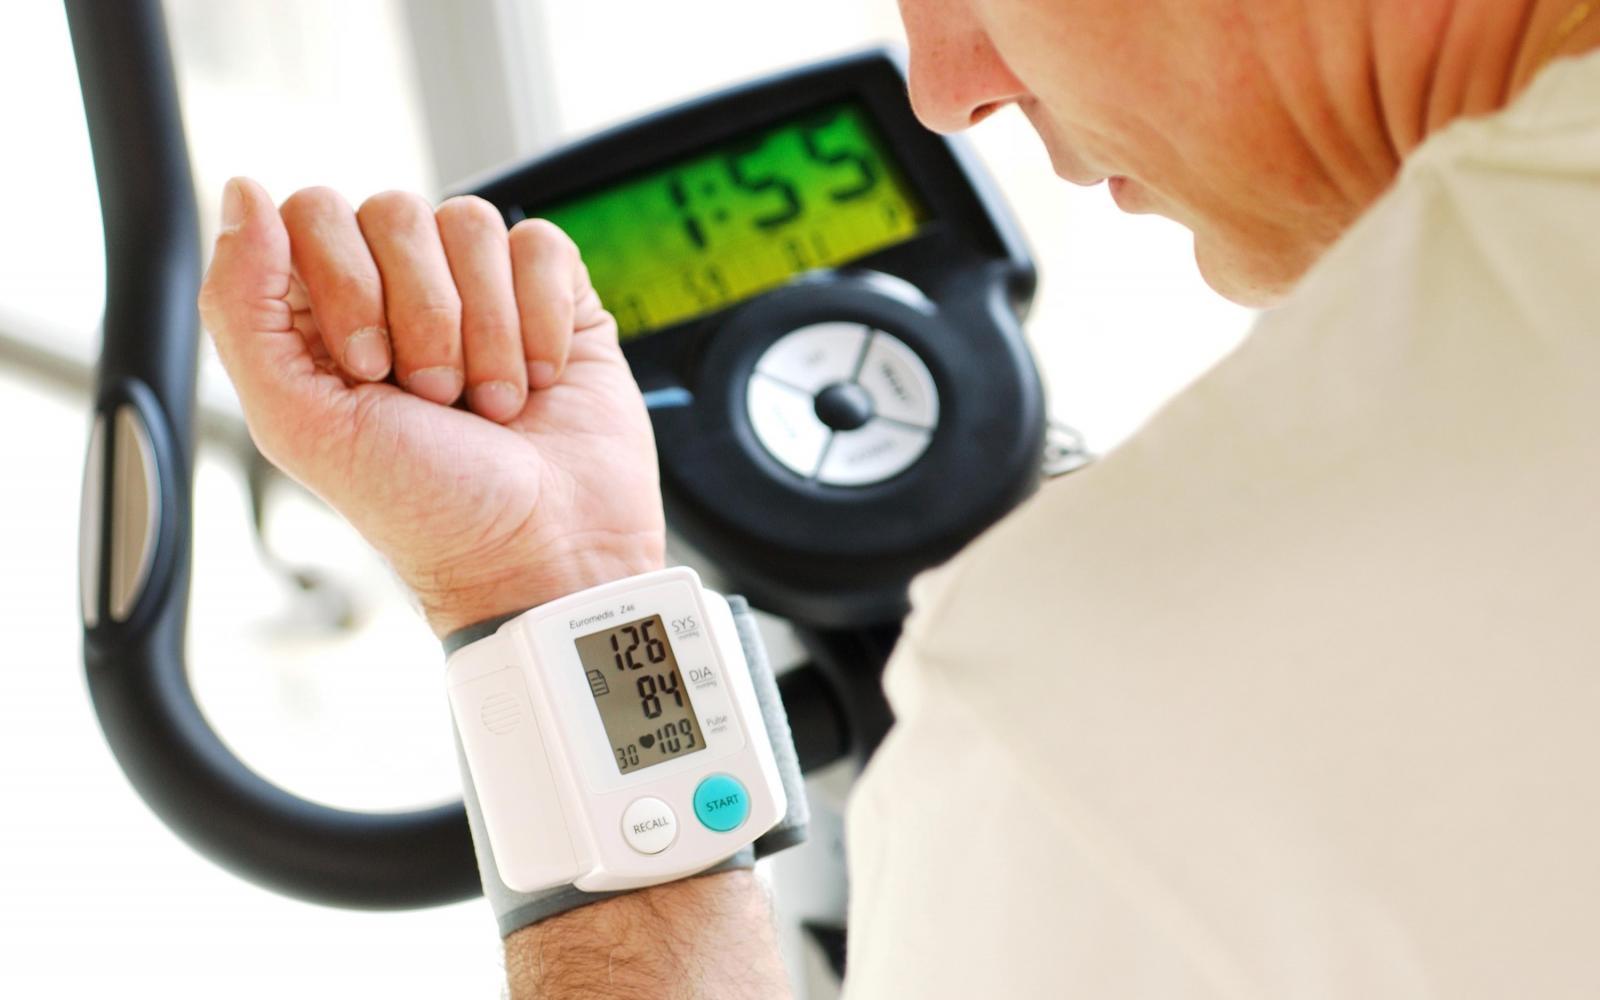 magas vérnyomással járó szolgáltatás magas vérnyomás jobb és bal nyomás